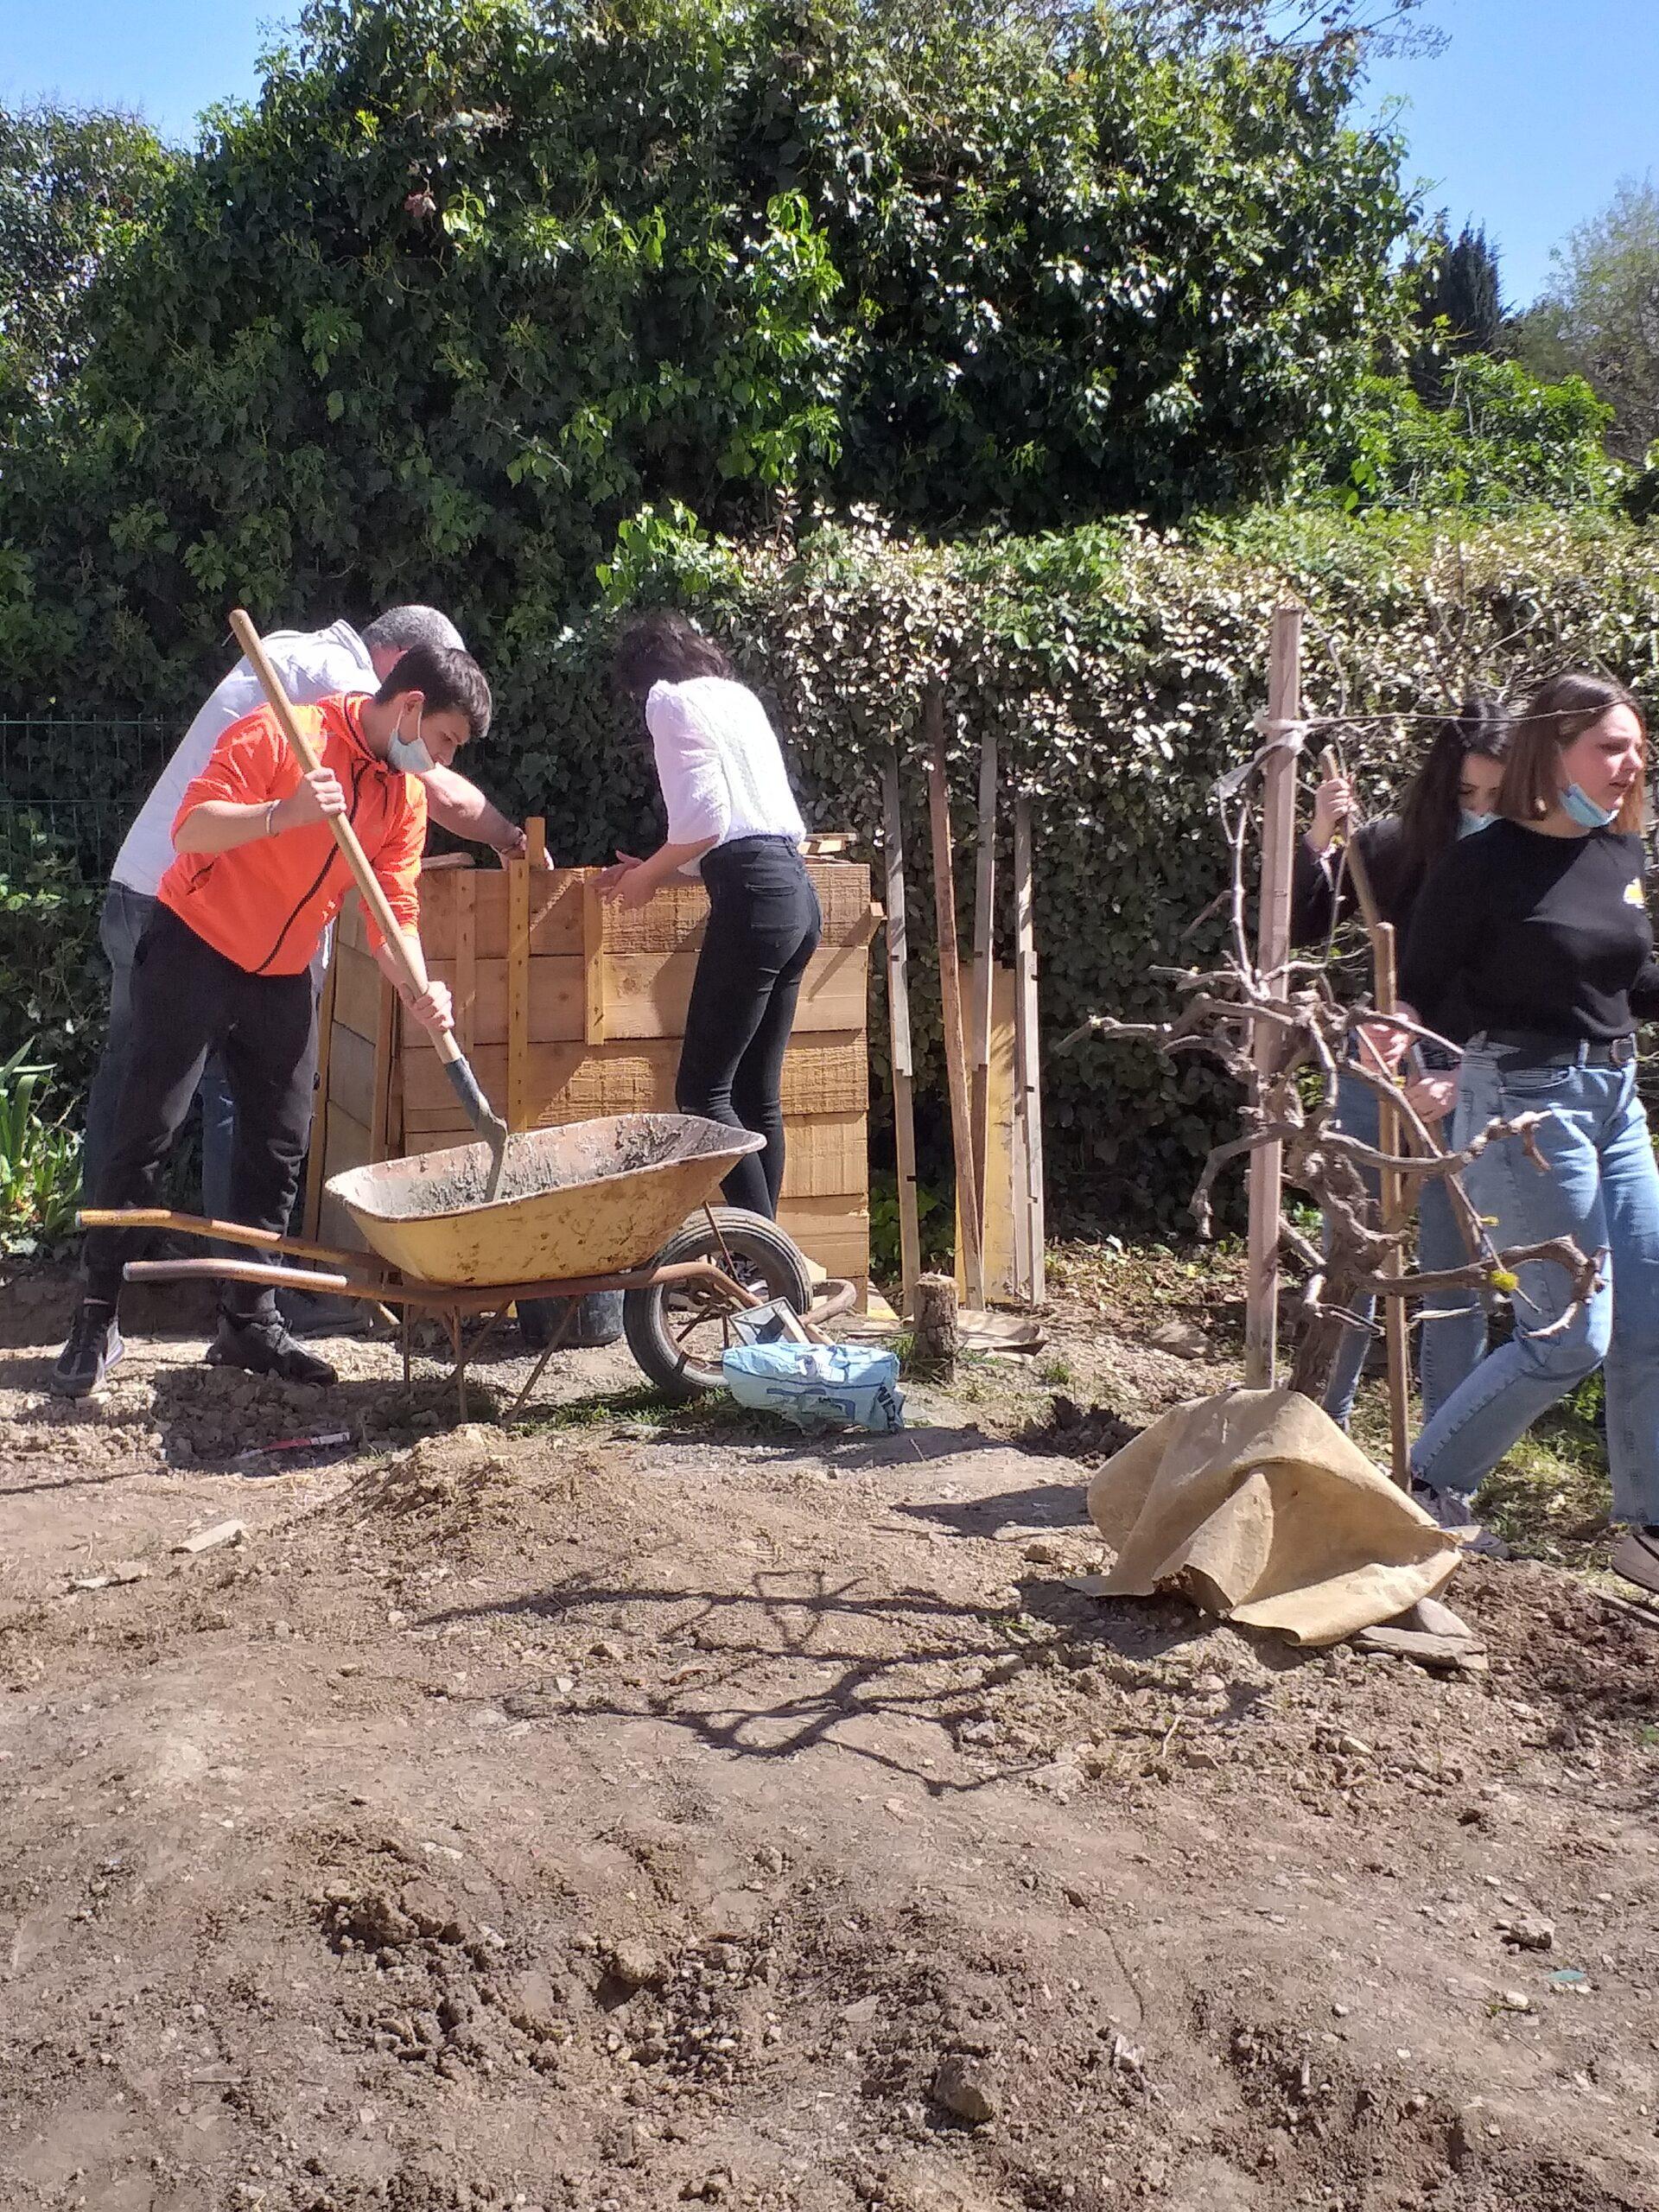 Mars 2021 en EPI Agroécologie : les collégiens bâtissent un bassin pour récupérer l'eau de pluie.